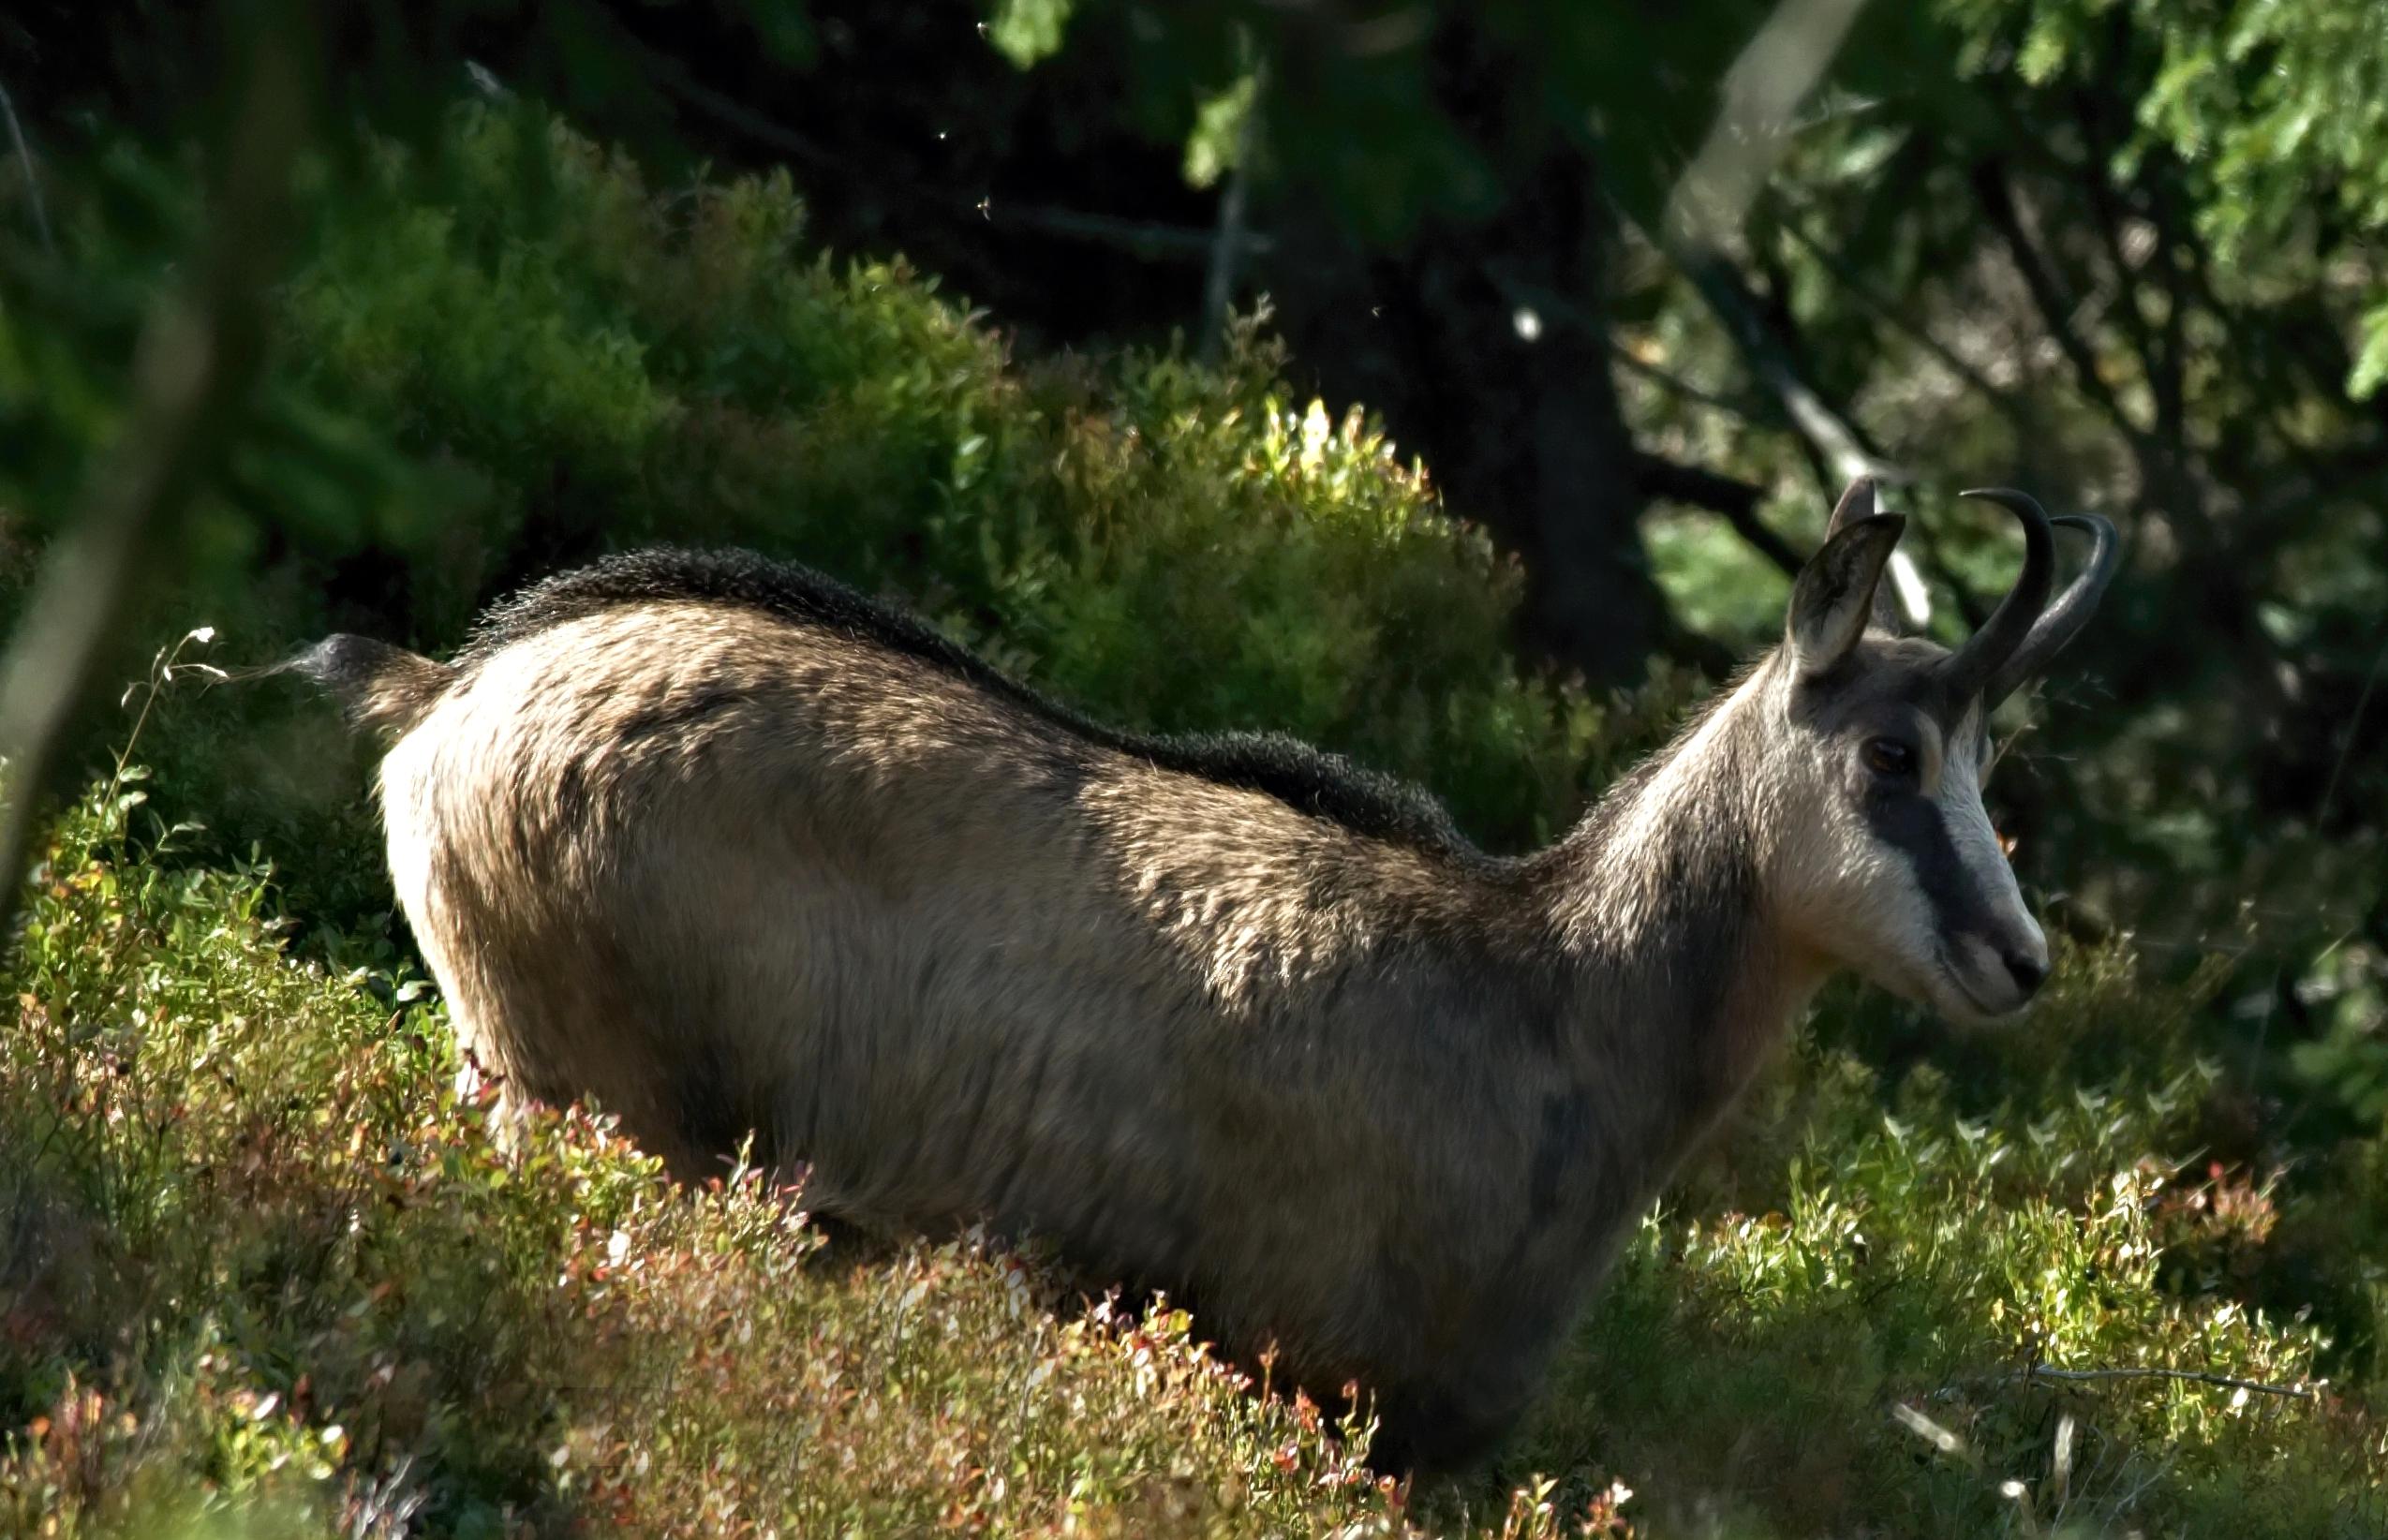 Kamzík horský (Rupicapra rupicapra)200913 3294a